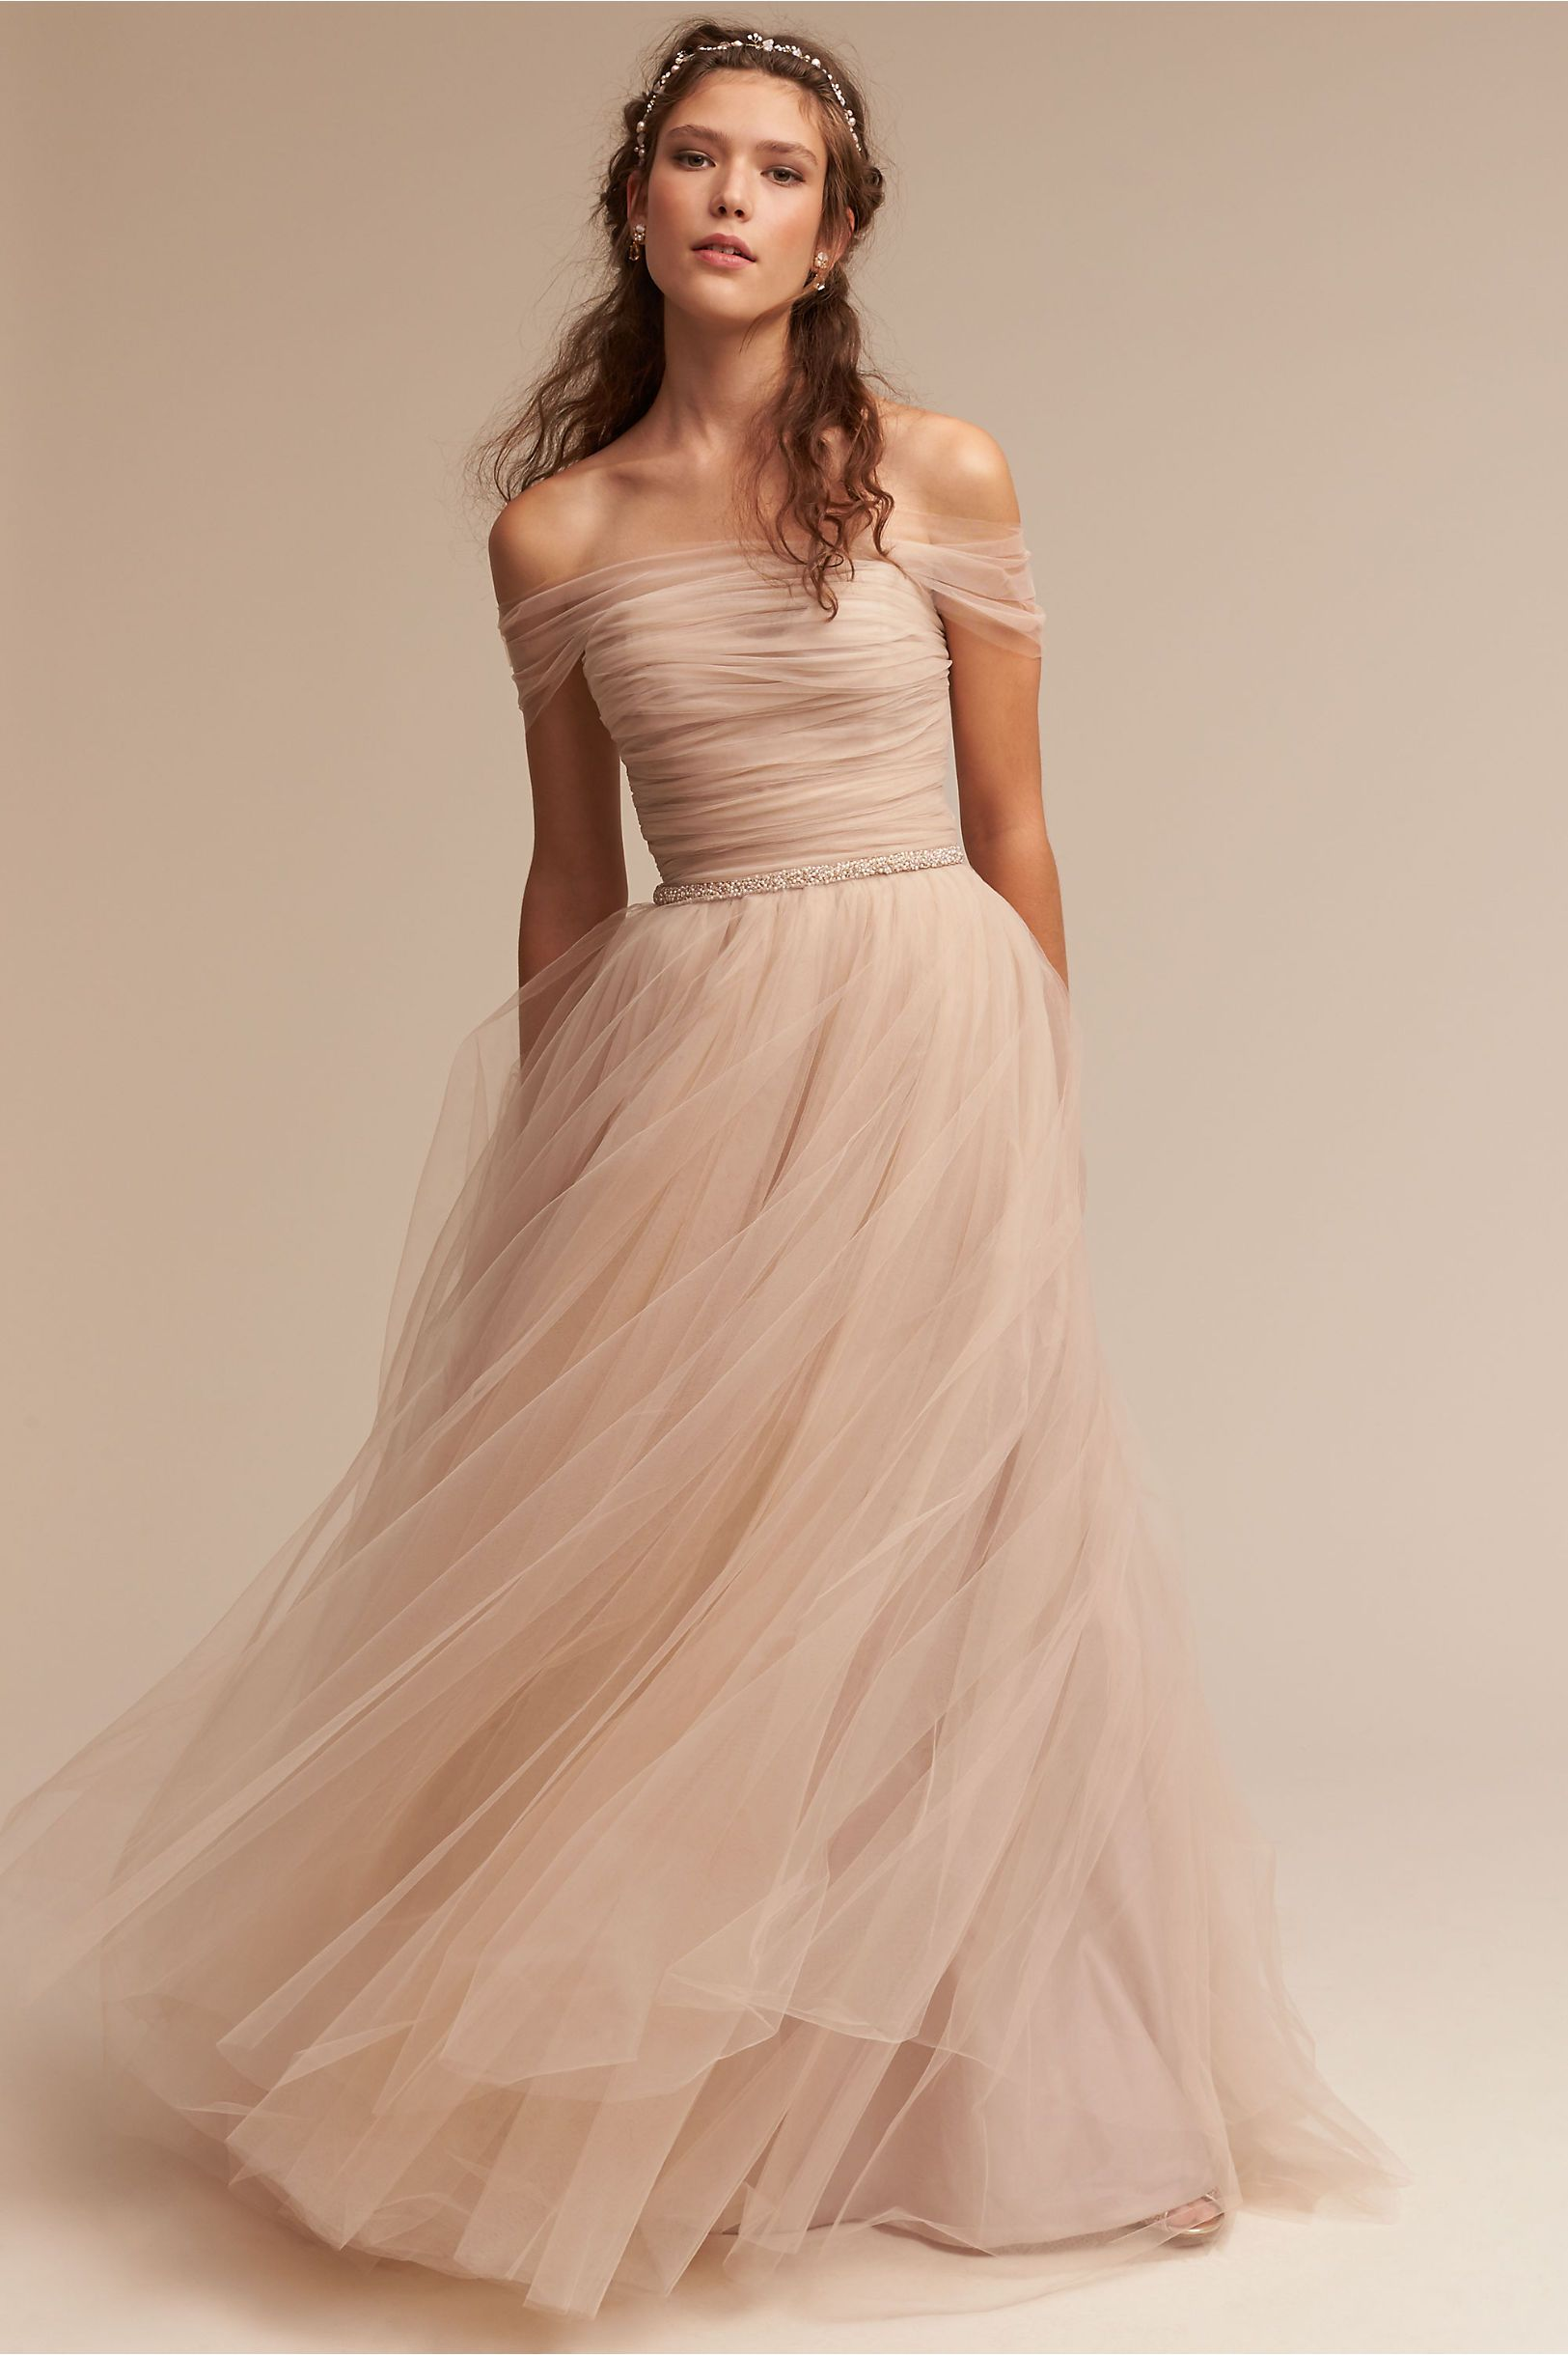 farbiges Hochzeitskleid, romantisch Brautkleid, rosa #hochzeit ...